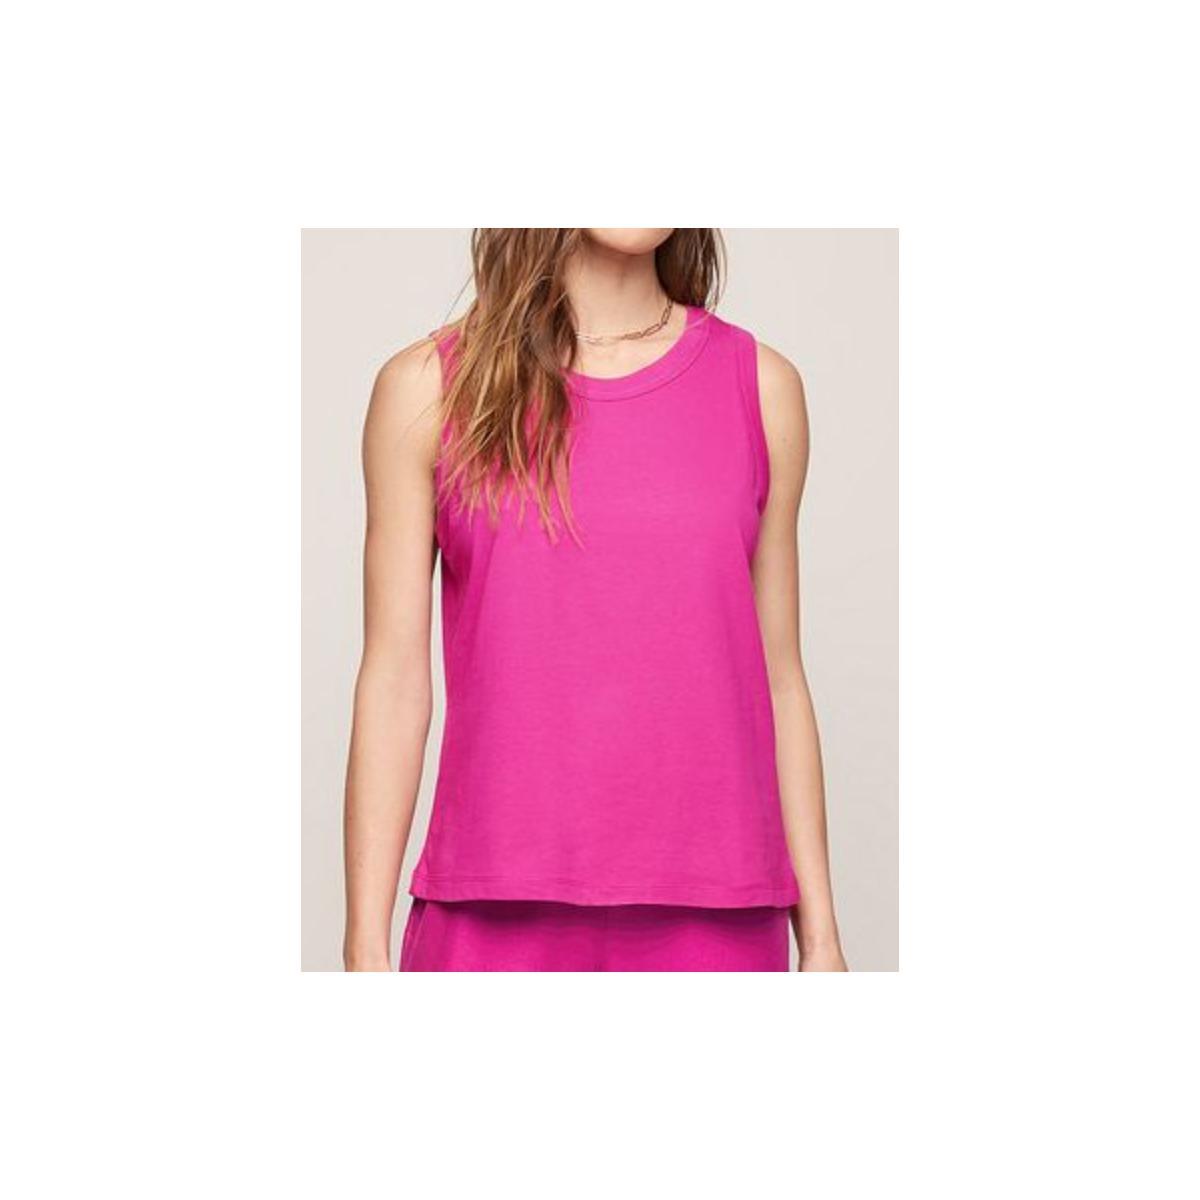 Blusa Feminina Dzarm 6iac K37en  Pink